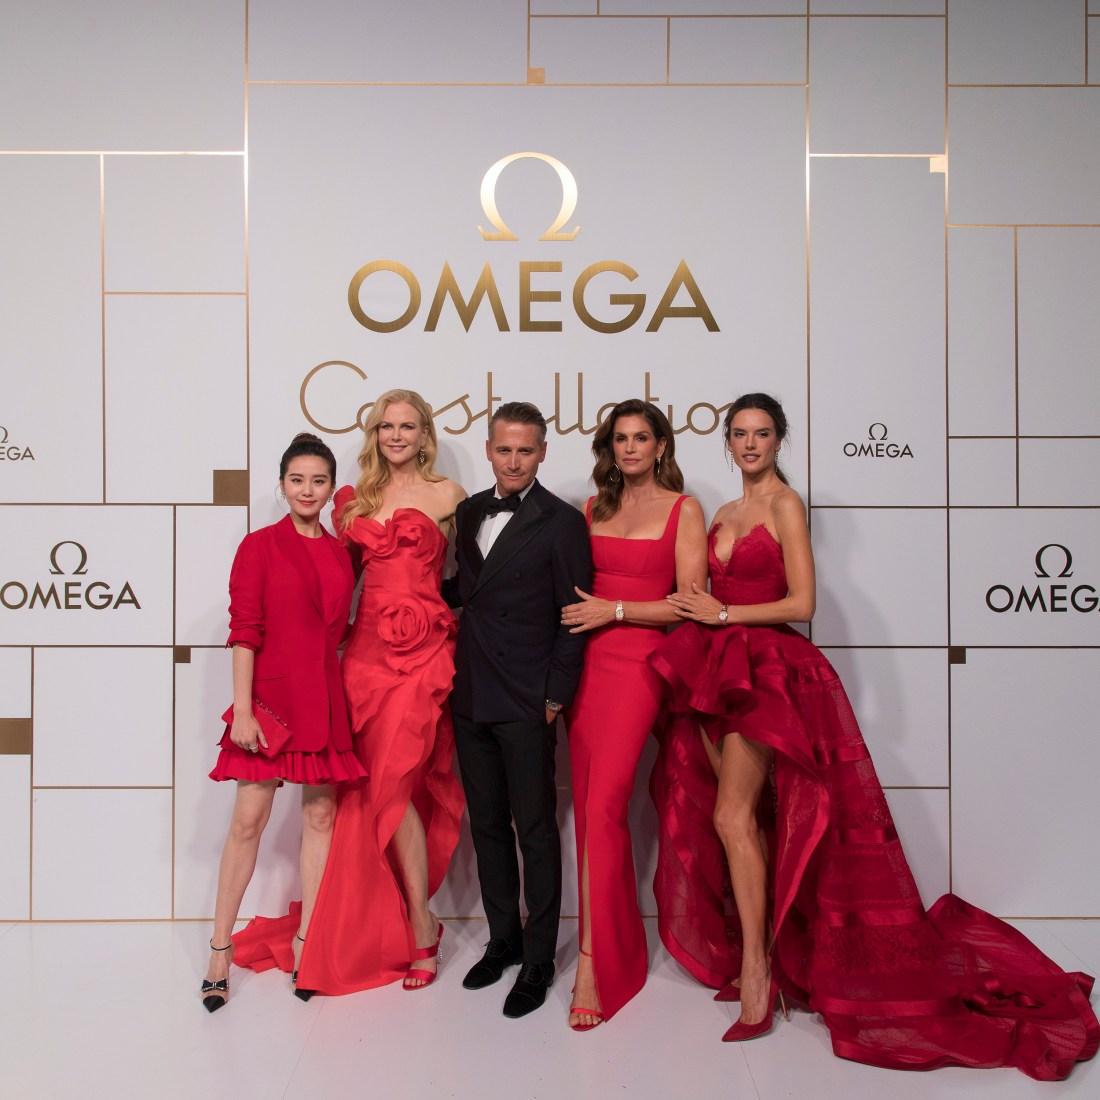 Modelos de OMEGA con vestido rojo de omega con letras doradas y fondo blanco